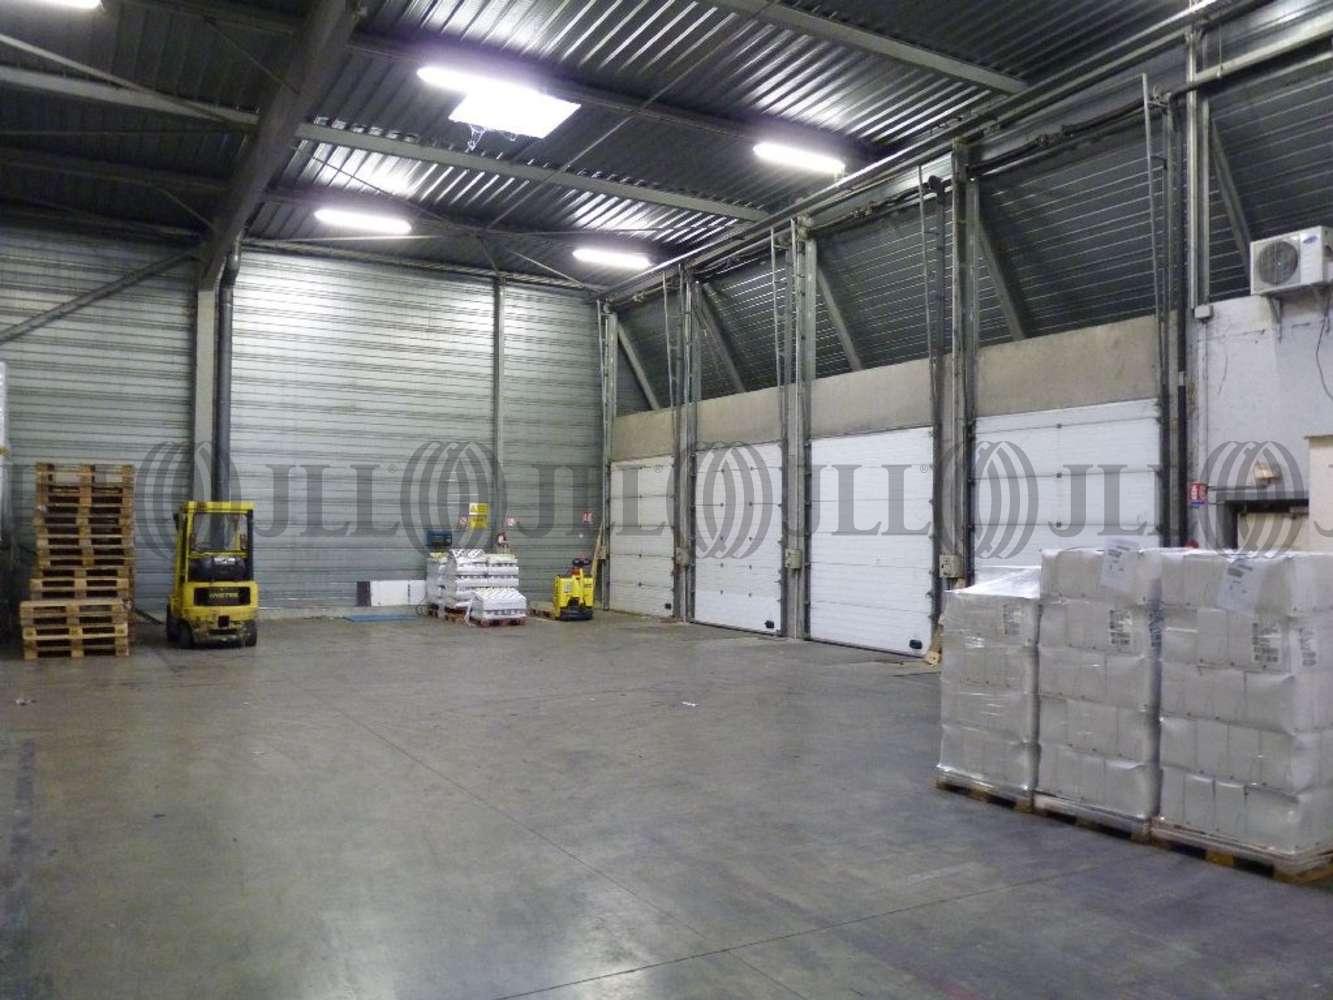 Activités/entrepôt Belleville, 69220 - Entrepôt à louer Lyon Nord - Rhône (69) - 9481189